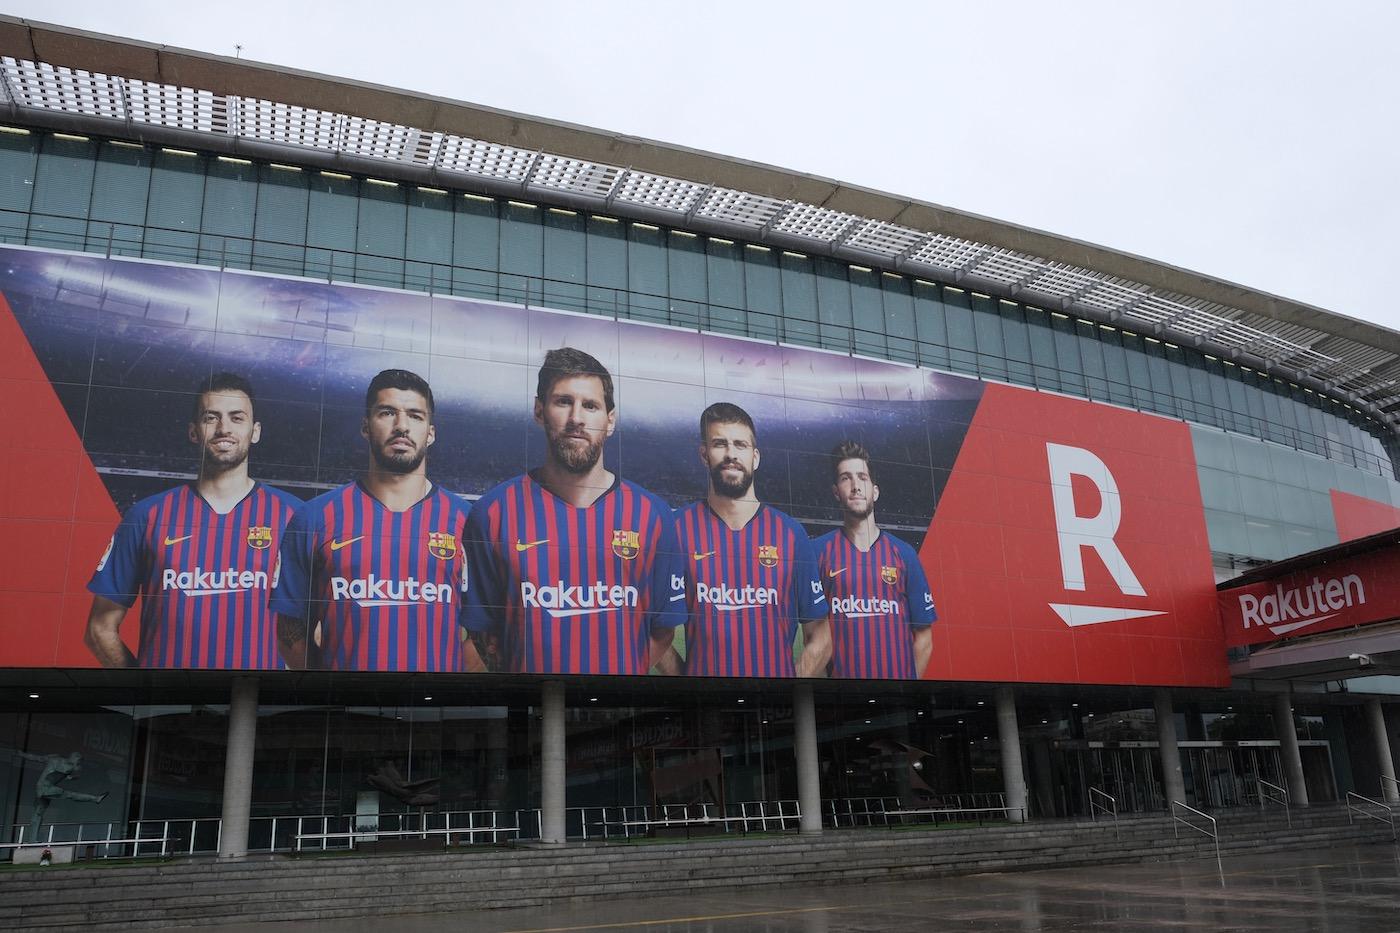 billets pour un match du FC Barcelone au Camp Nou